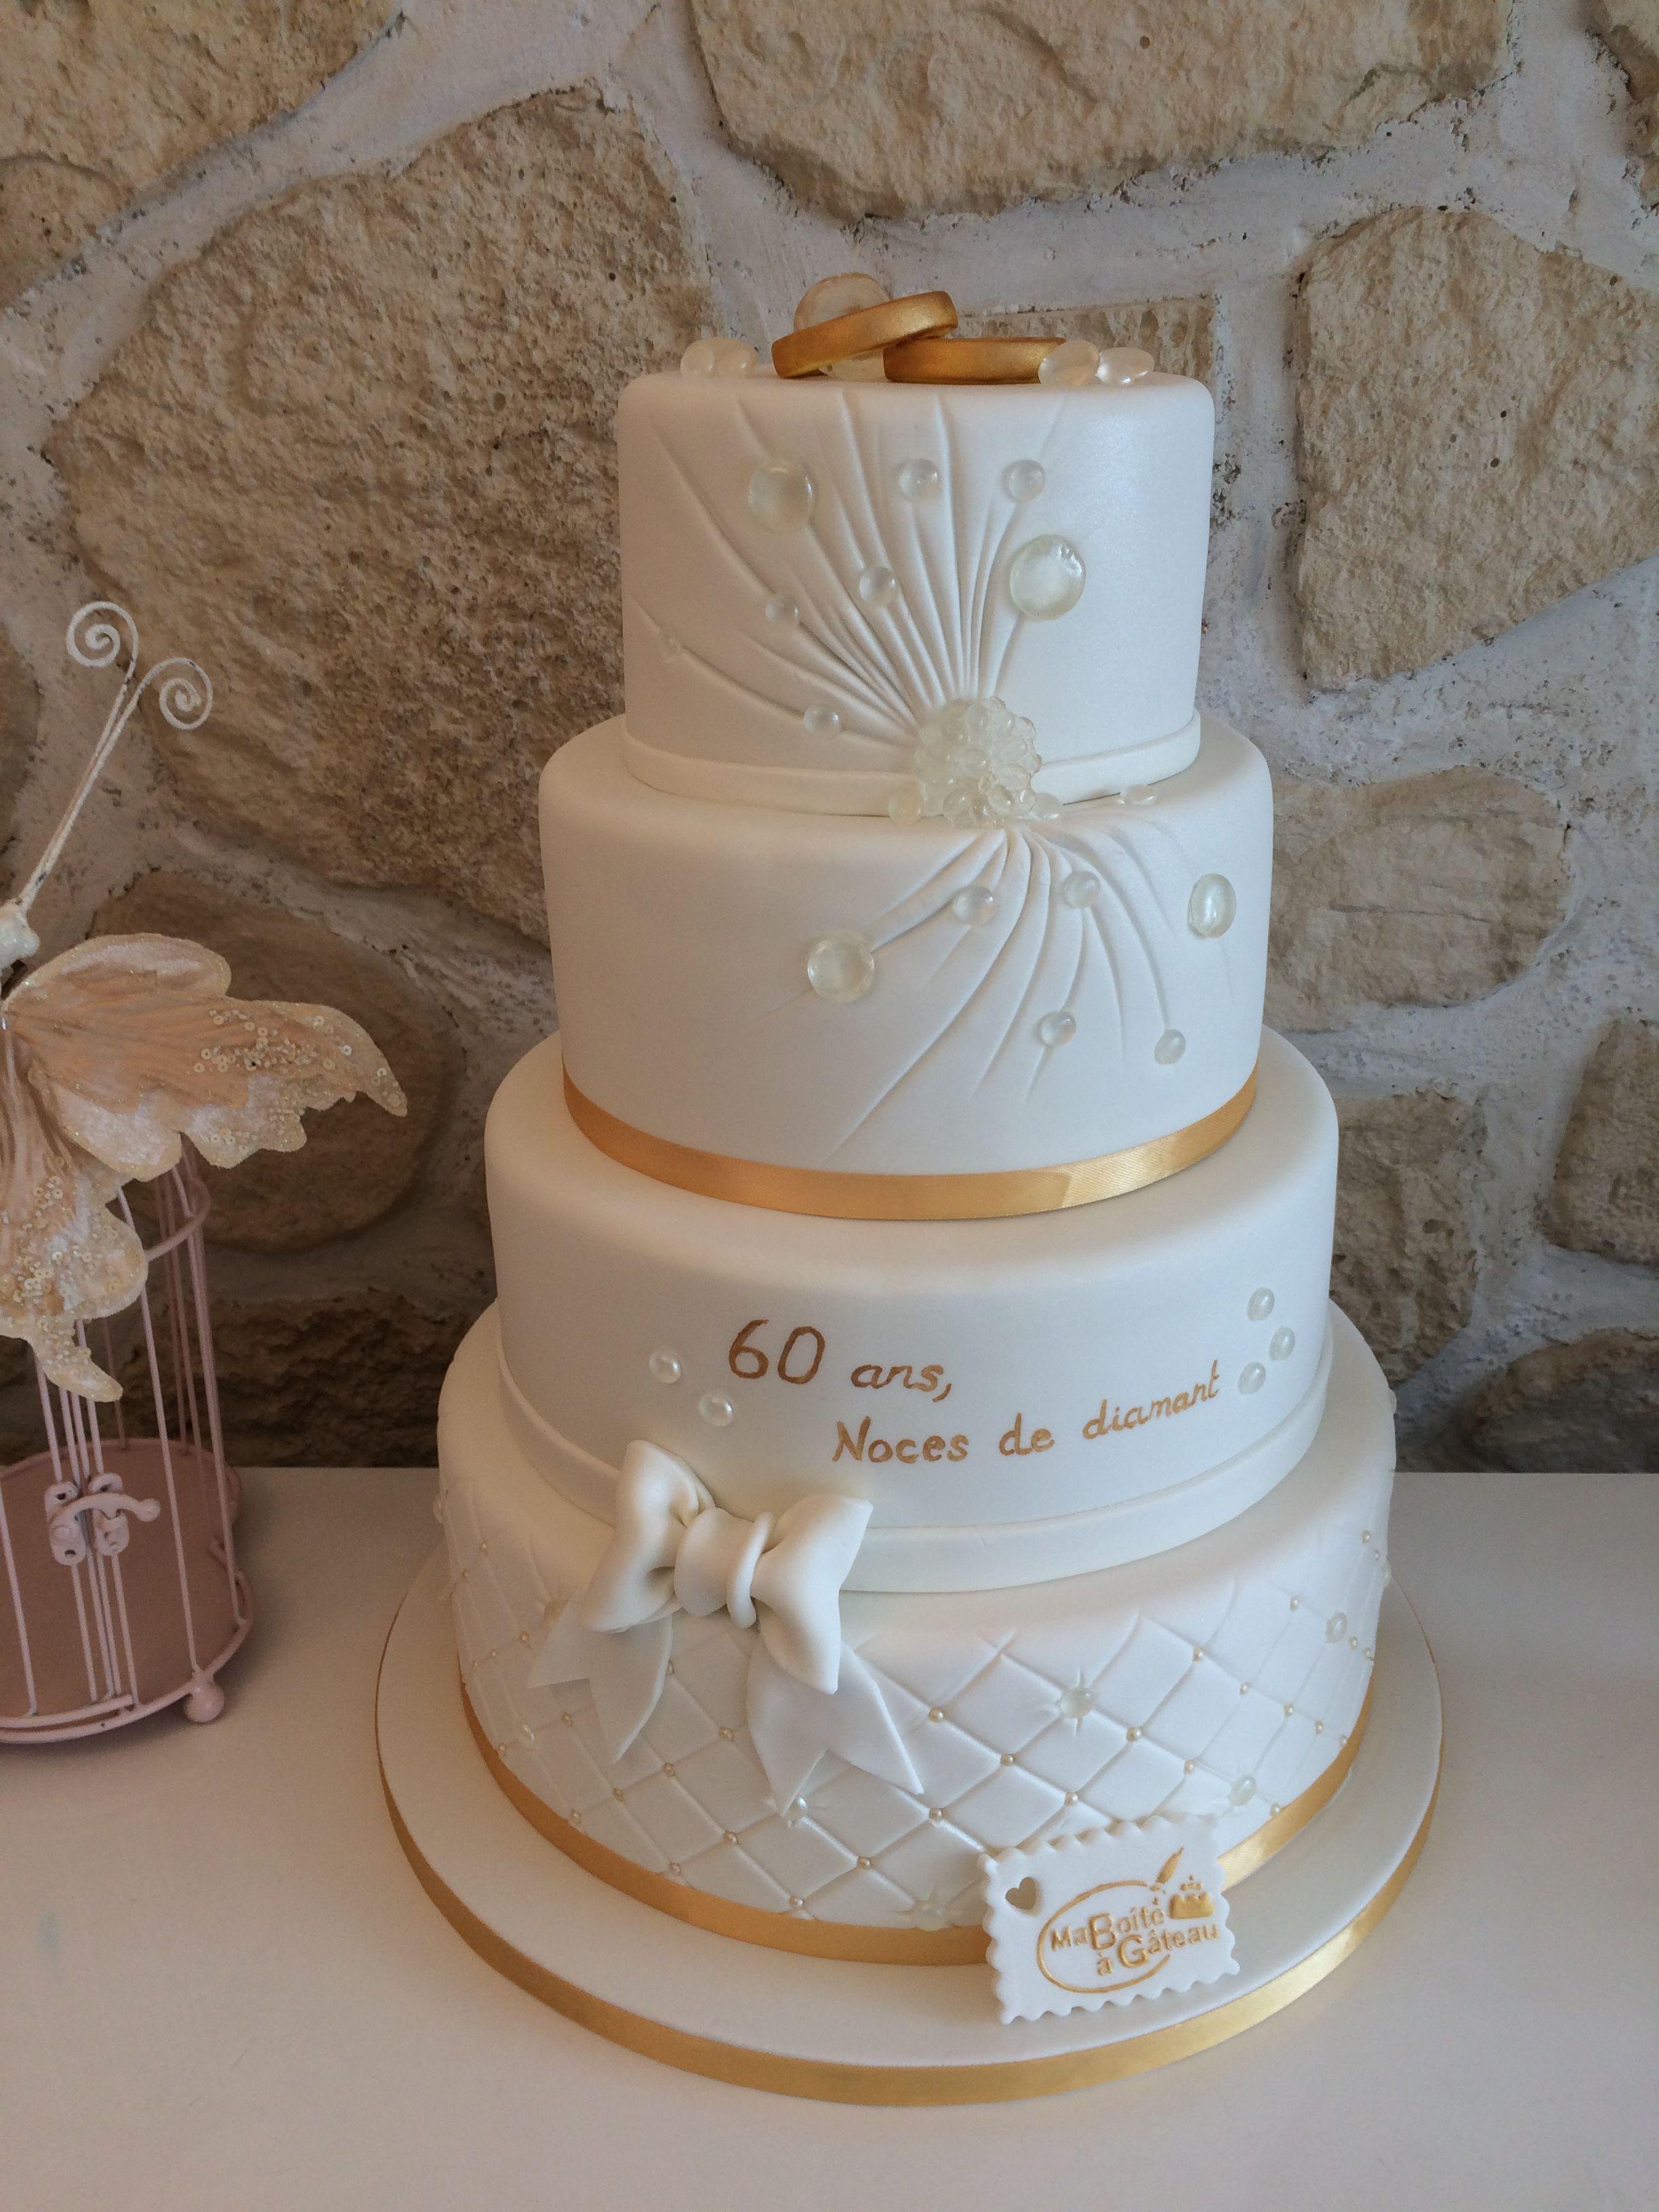 60 Ans De Mariage Noce De : mariage, Anniversaire, Mariage,, Diamant, Noces, Diamant,, Gâteau